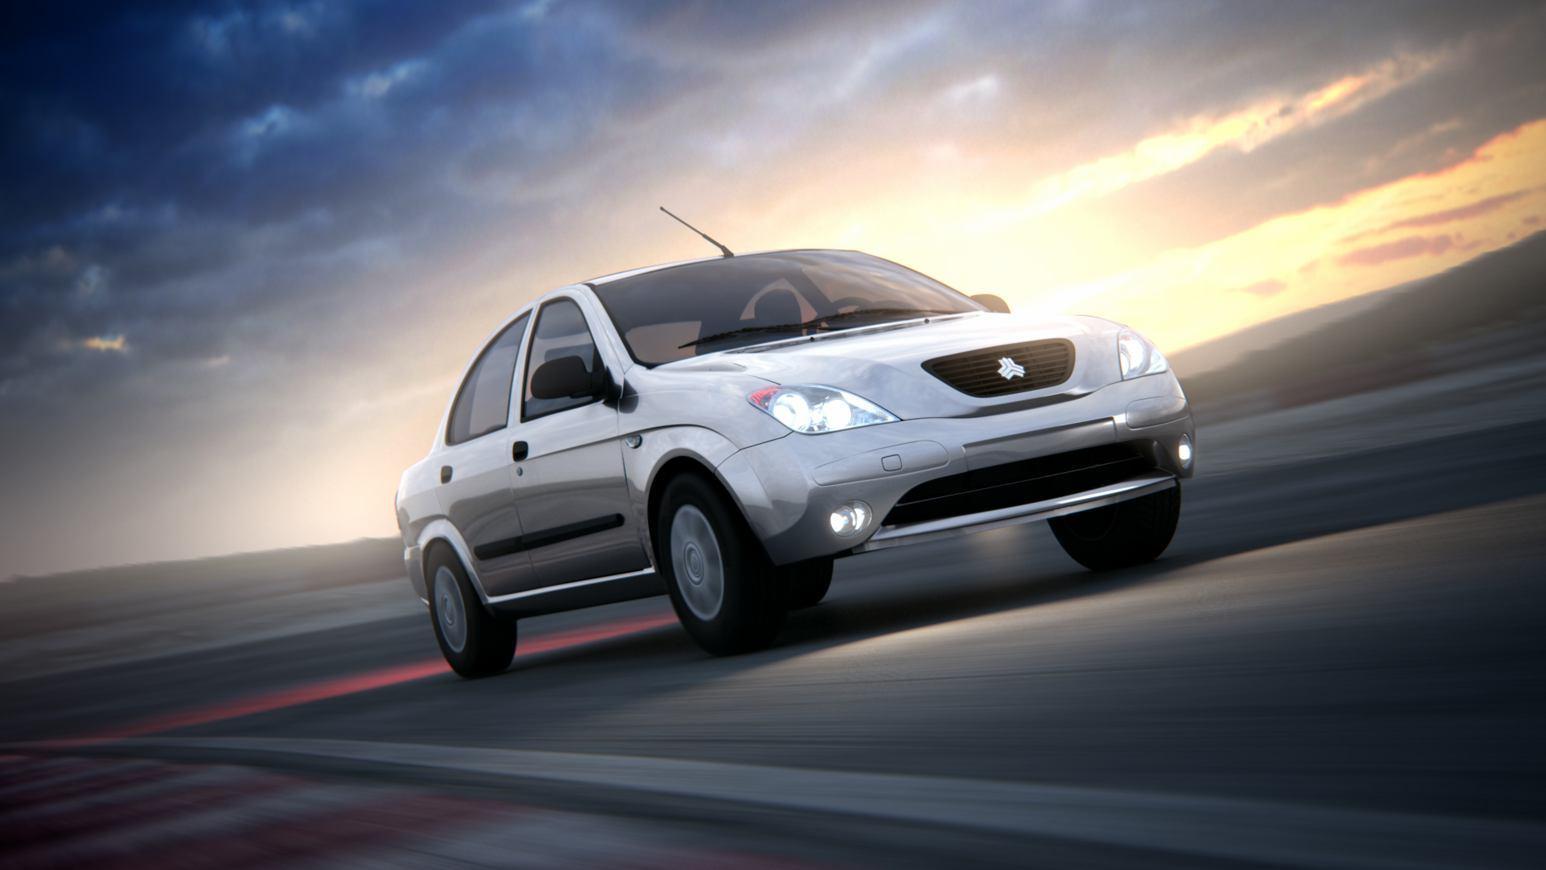 Бюджетный автомобиль Saipa Tiba становится ещё доступнее на 18 000грн.